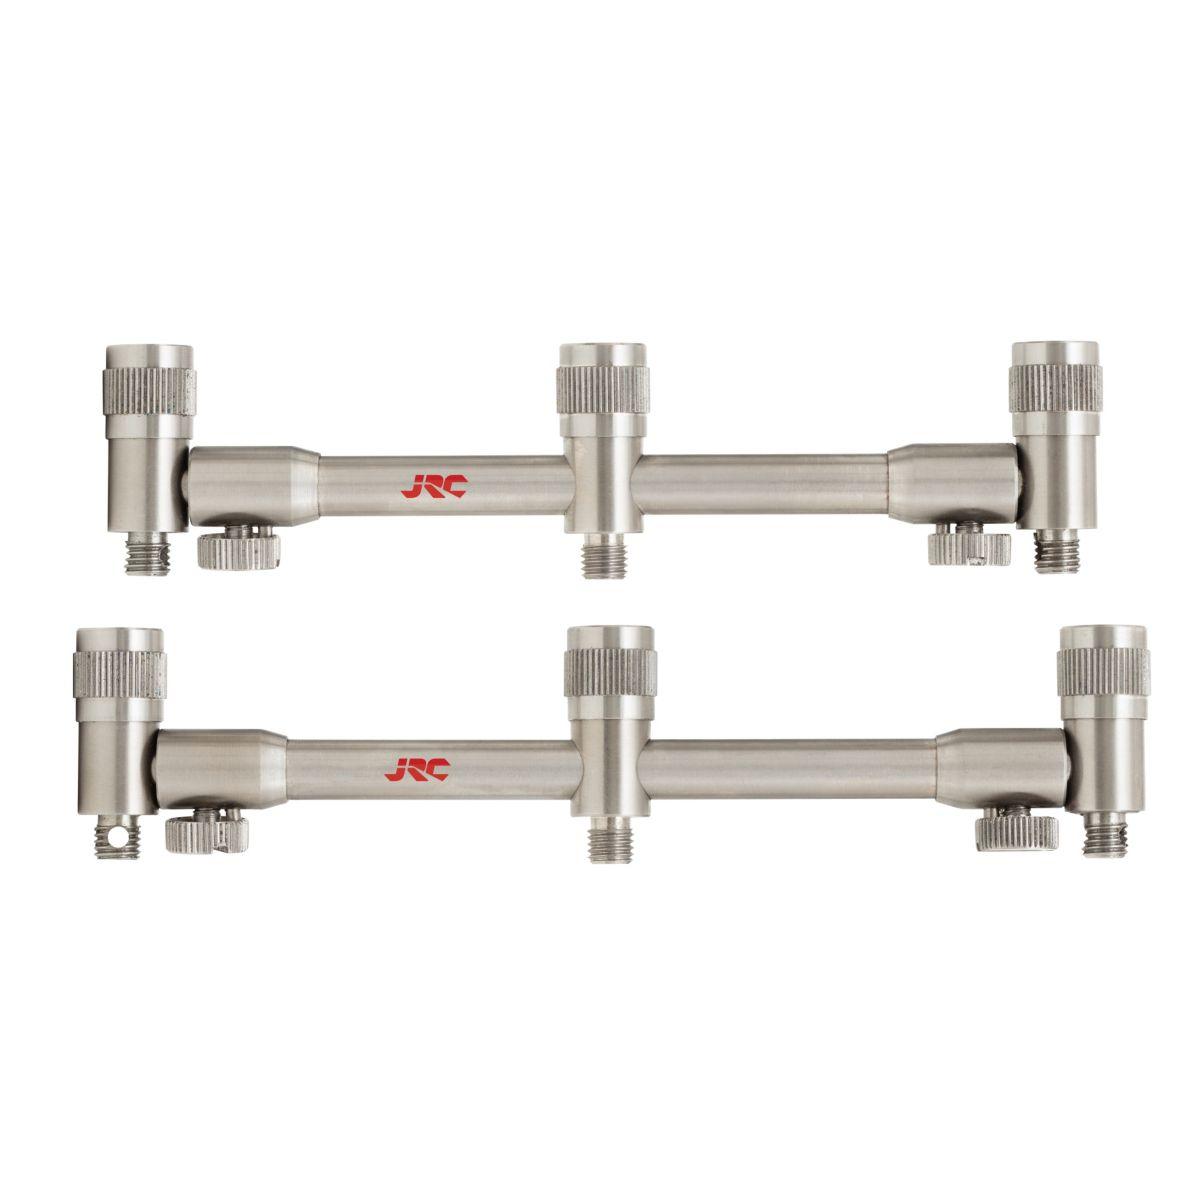 JRC Hrazda na 3 pruty s nastavitelnou délkou JRC Extreme TXS Buzz Bar 3 Rod EXT